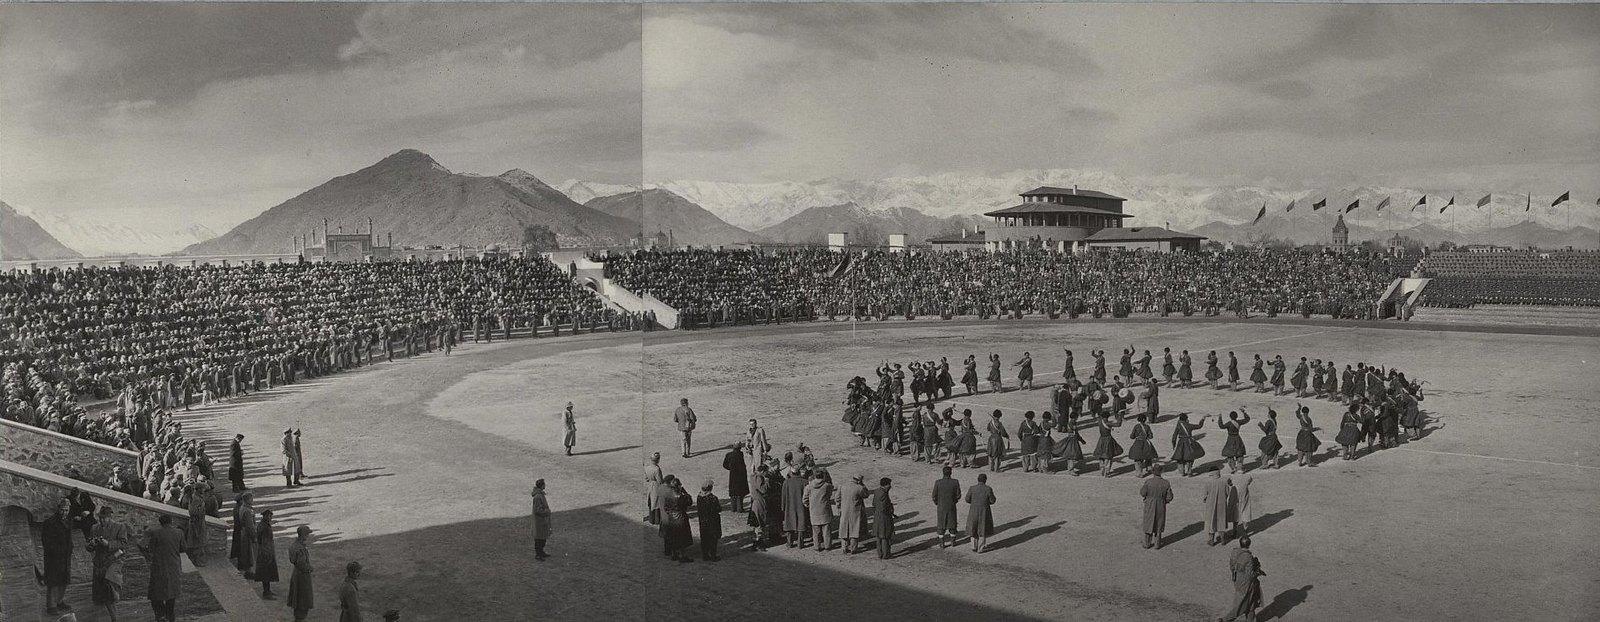 13. На стадионе Гази в Кабуле. Народный танец исполняют мужчины